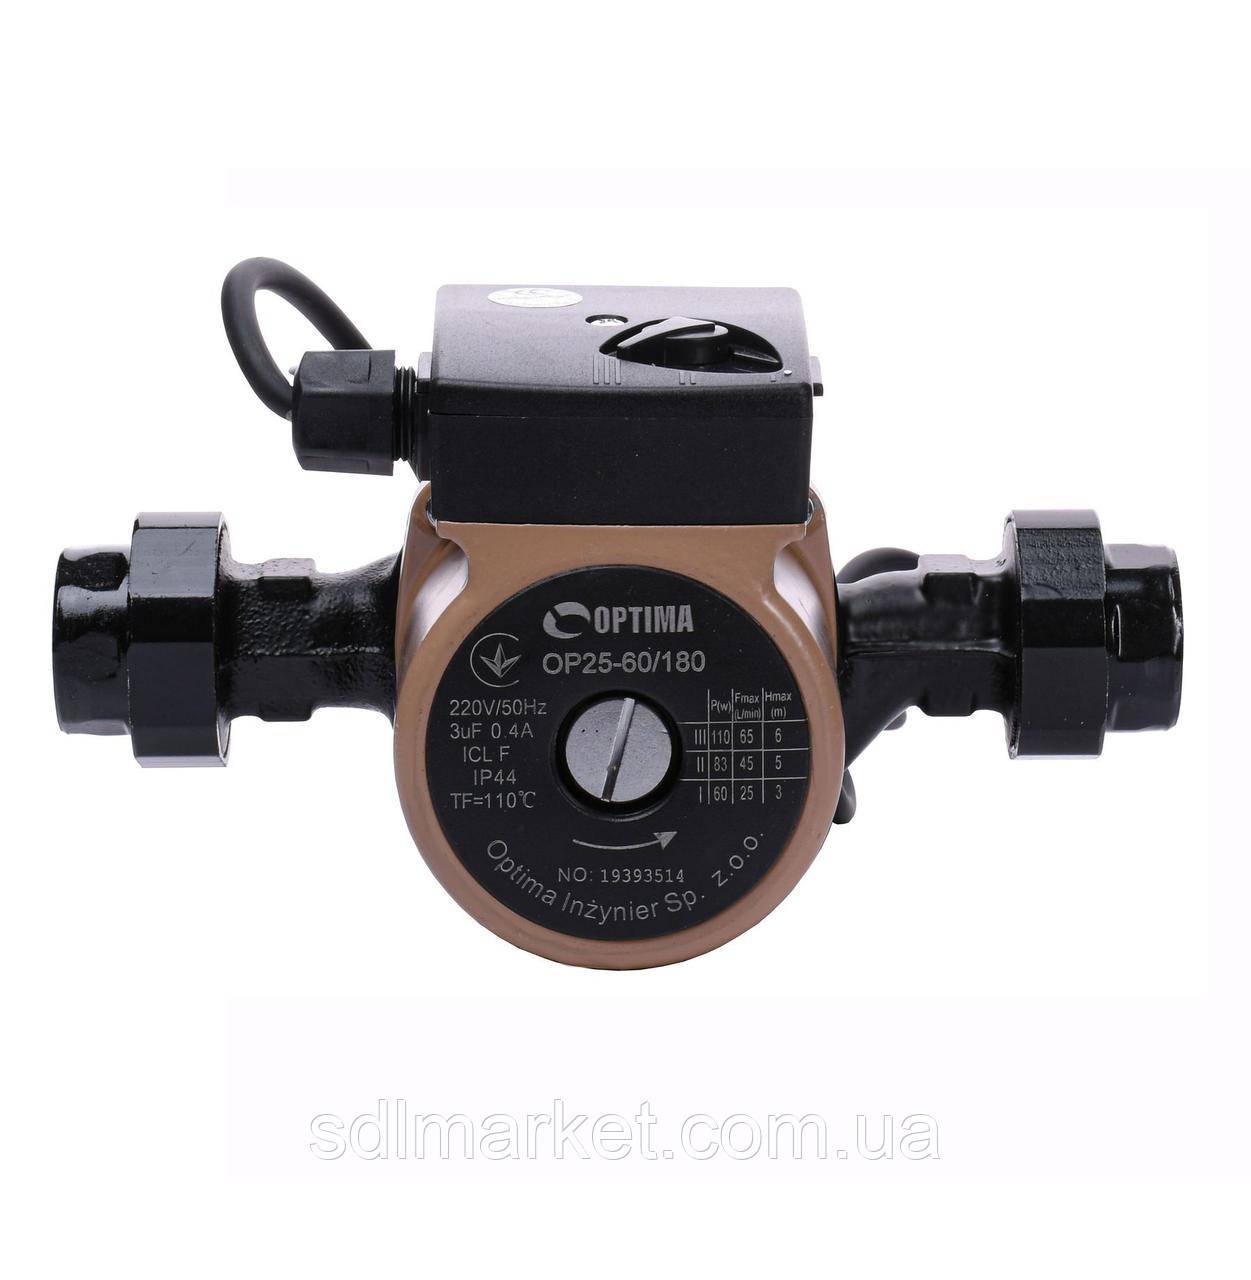 Насос циркуляционный Optima OP25-60 180мм + гайки, + кабель с вилкой!